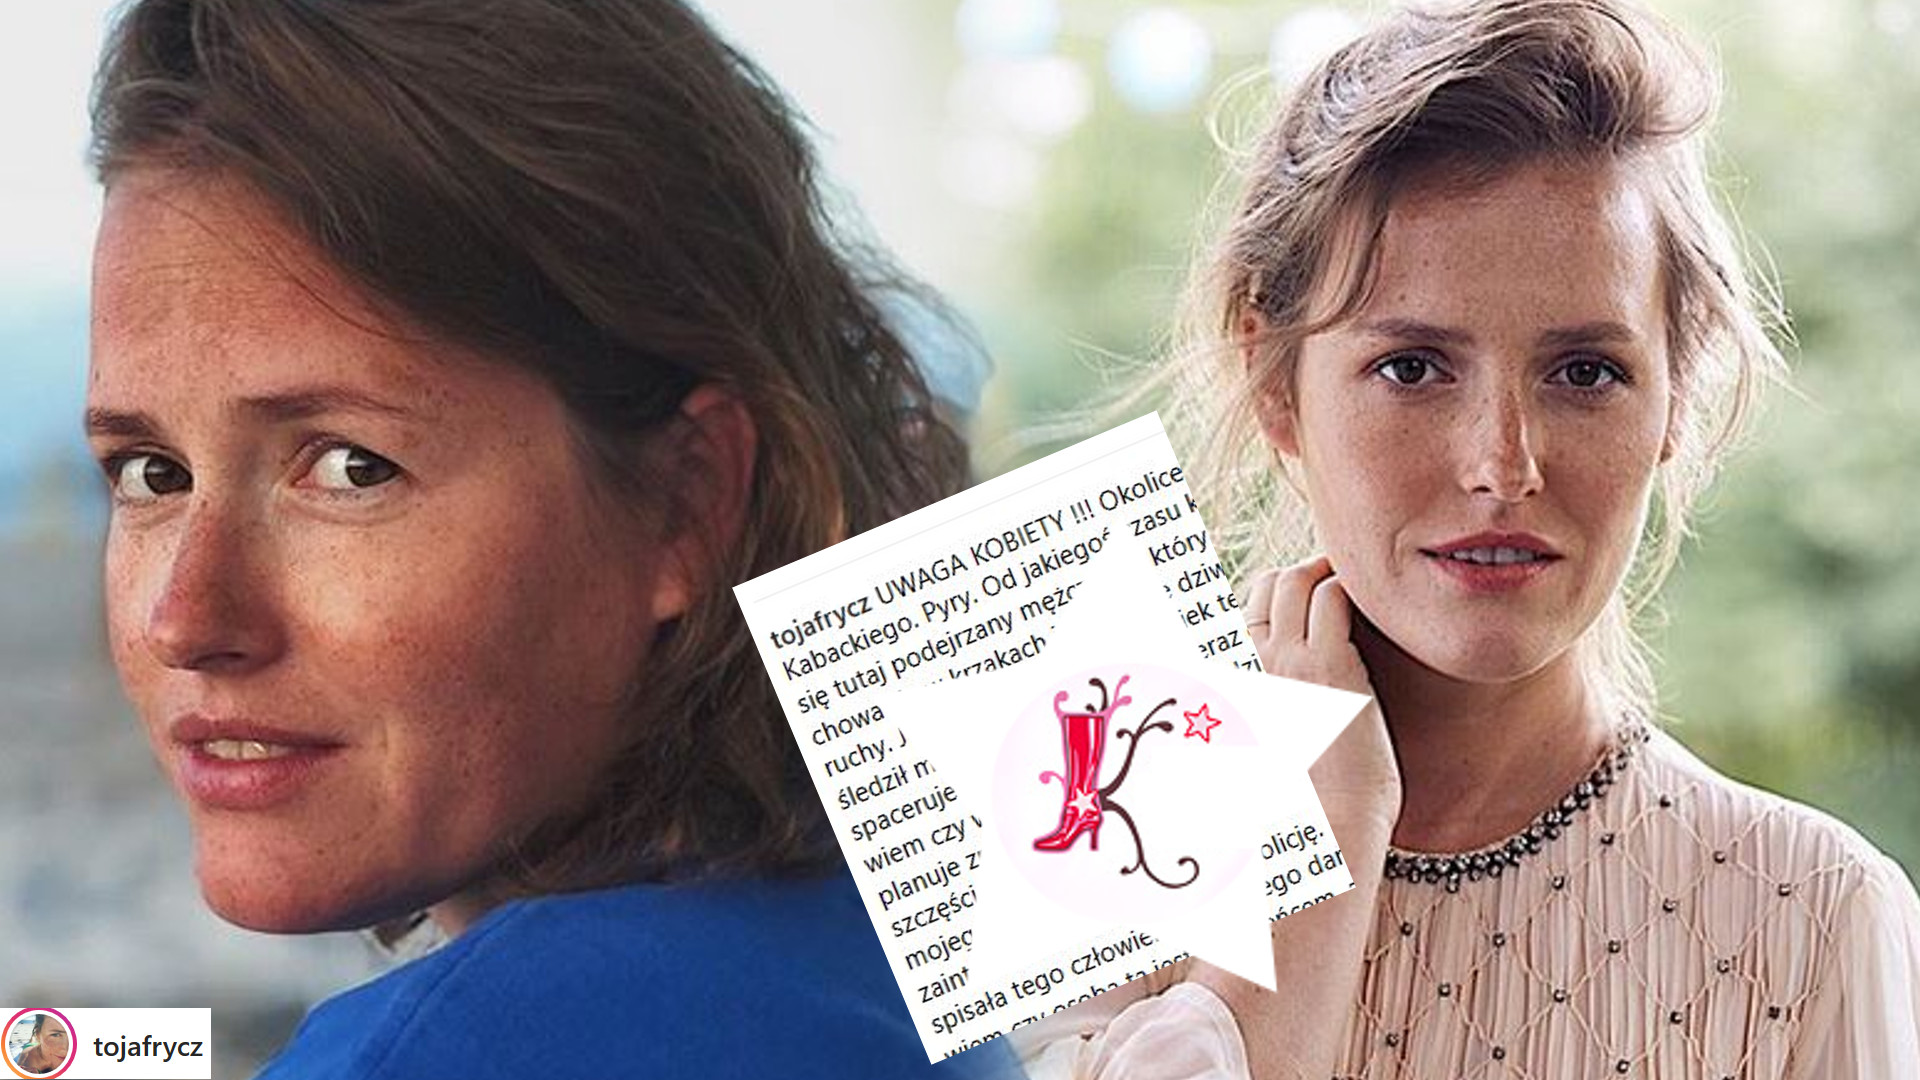 Olga Frycz jest śledzona przez zboczeńca! Opublikowała SZOKUJĄCY post